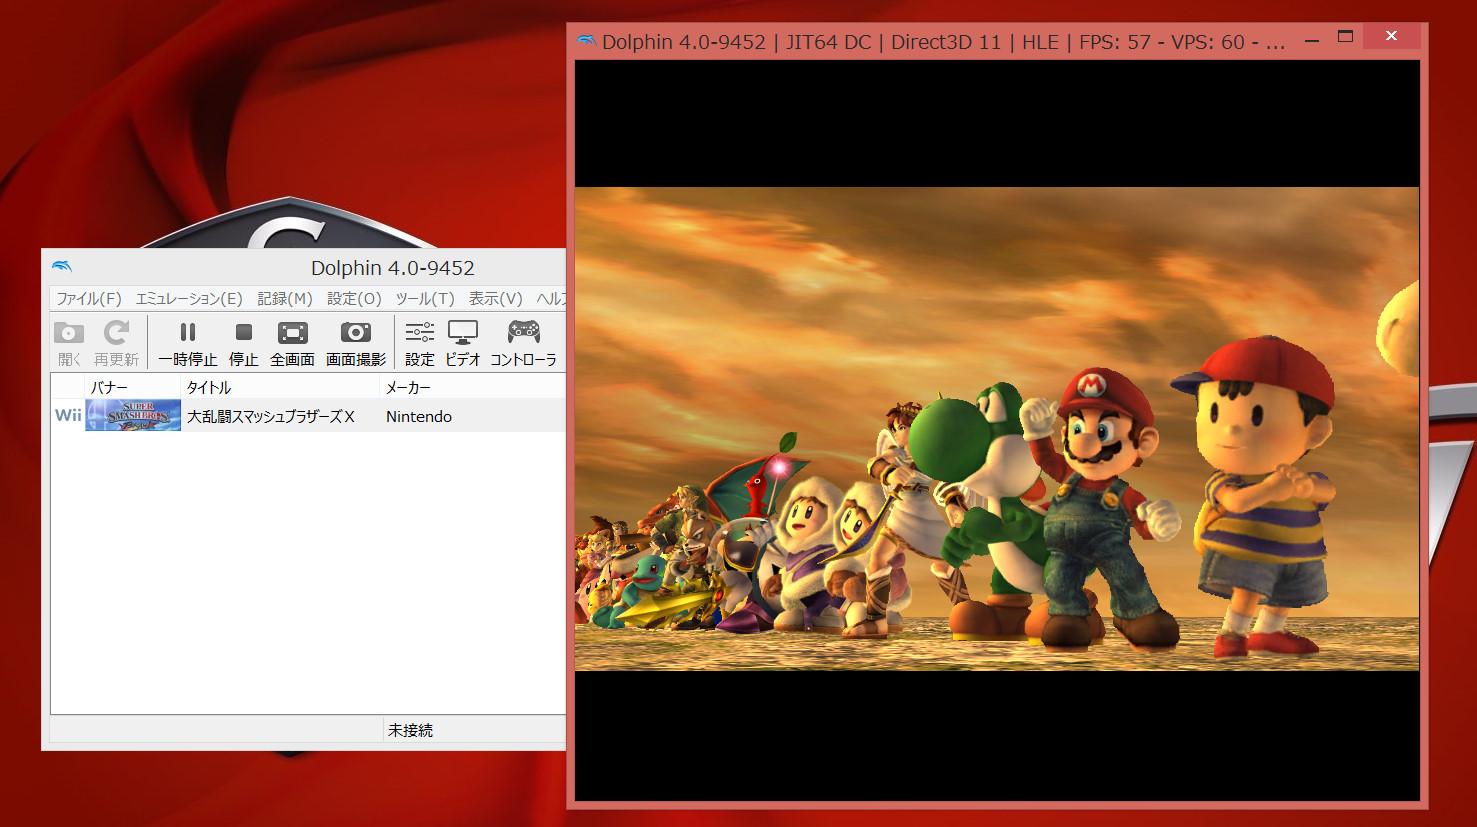 パソコンでWiiのエミュレータソフトDolphinを遊ぶ-21-43-707